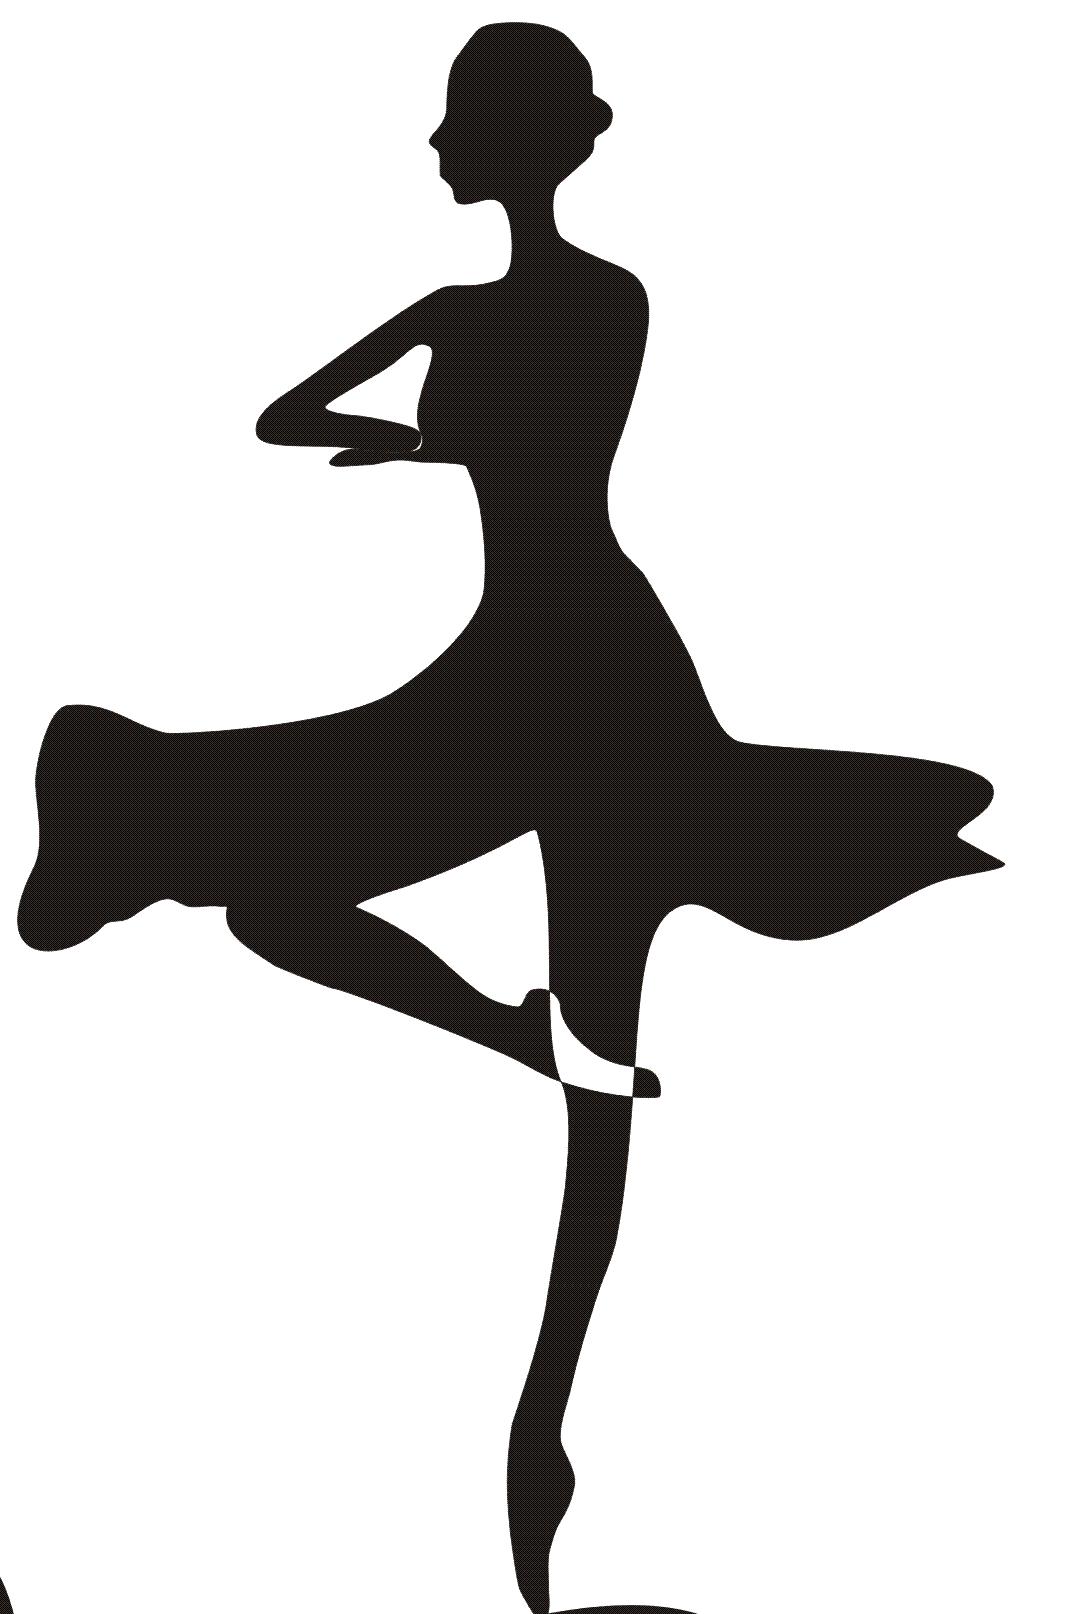 15 января 1890 года впервые было исполнено фуэте